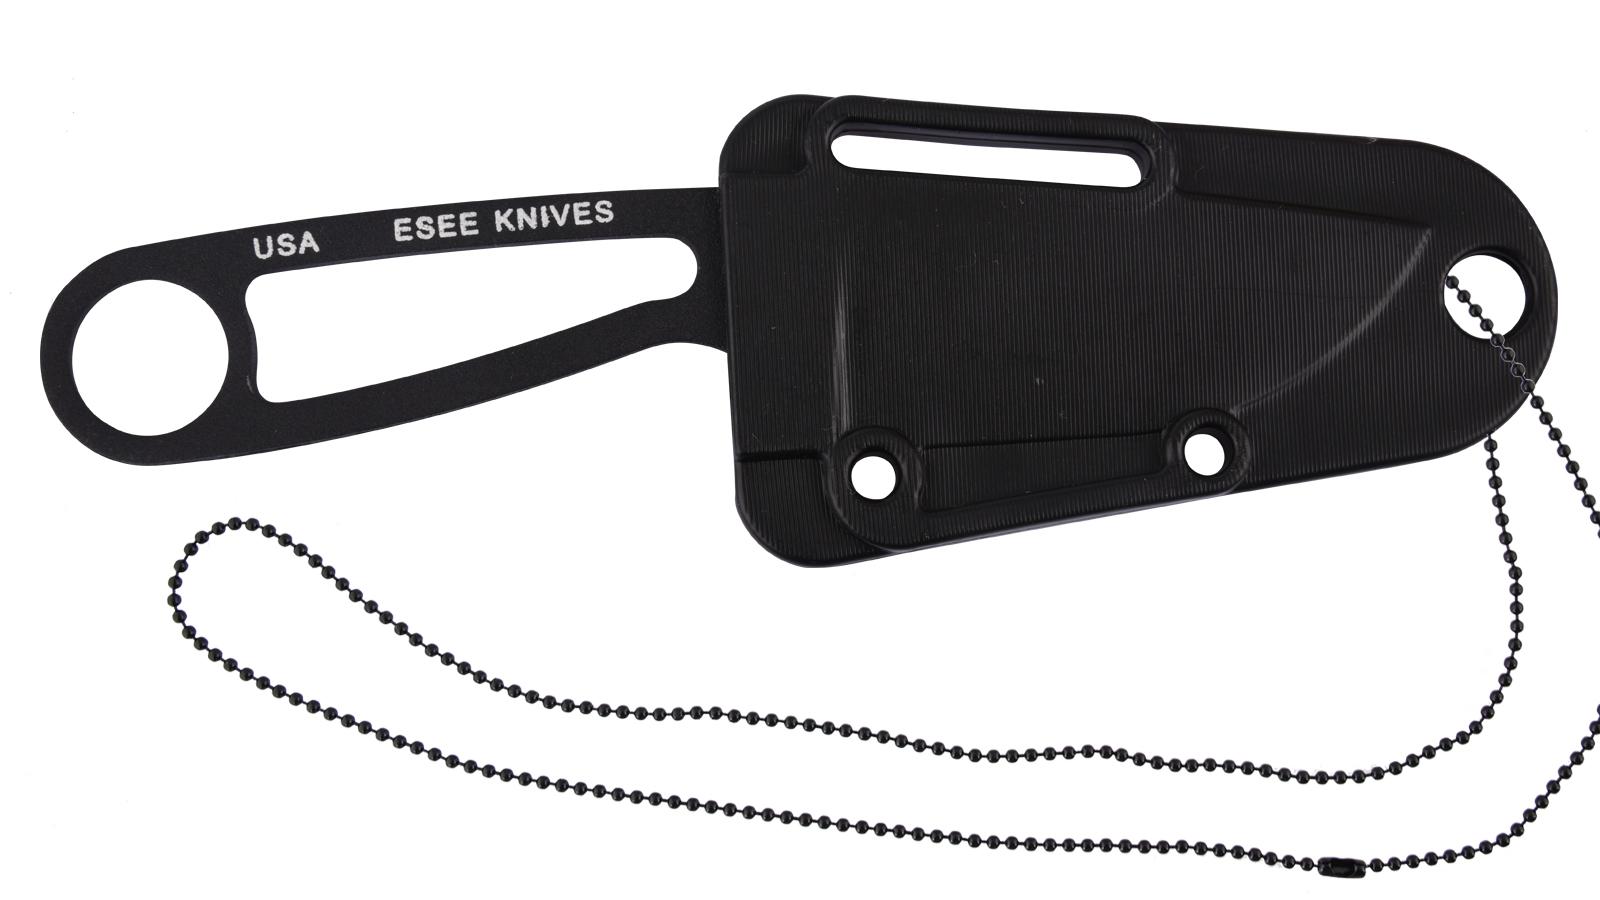 Нож Esee Izula Black от известного производителя США